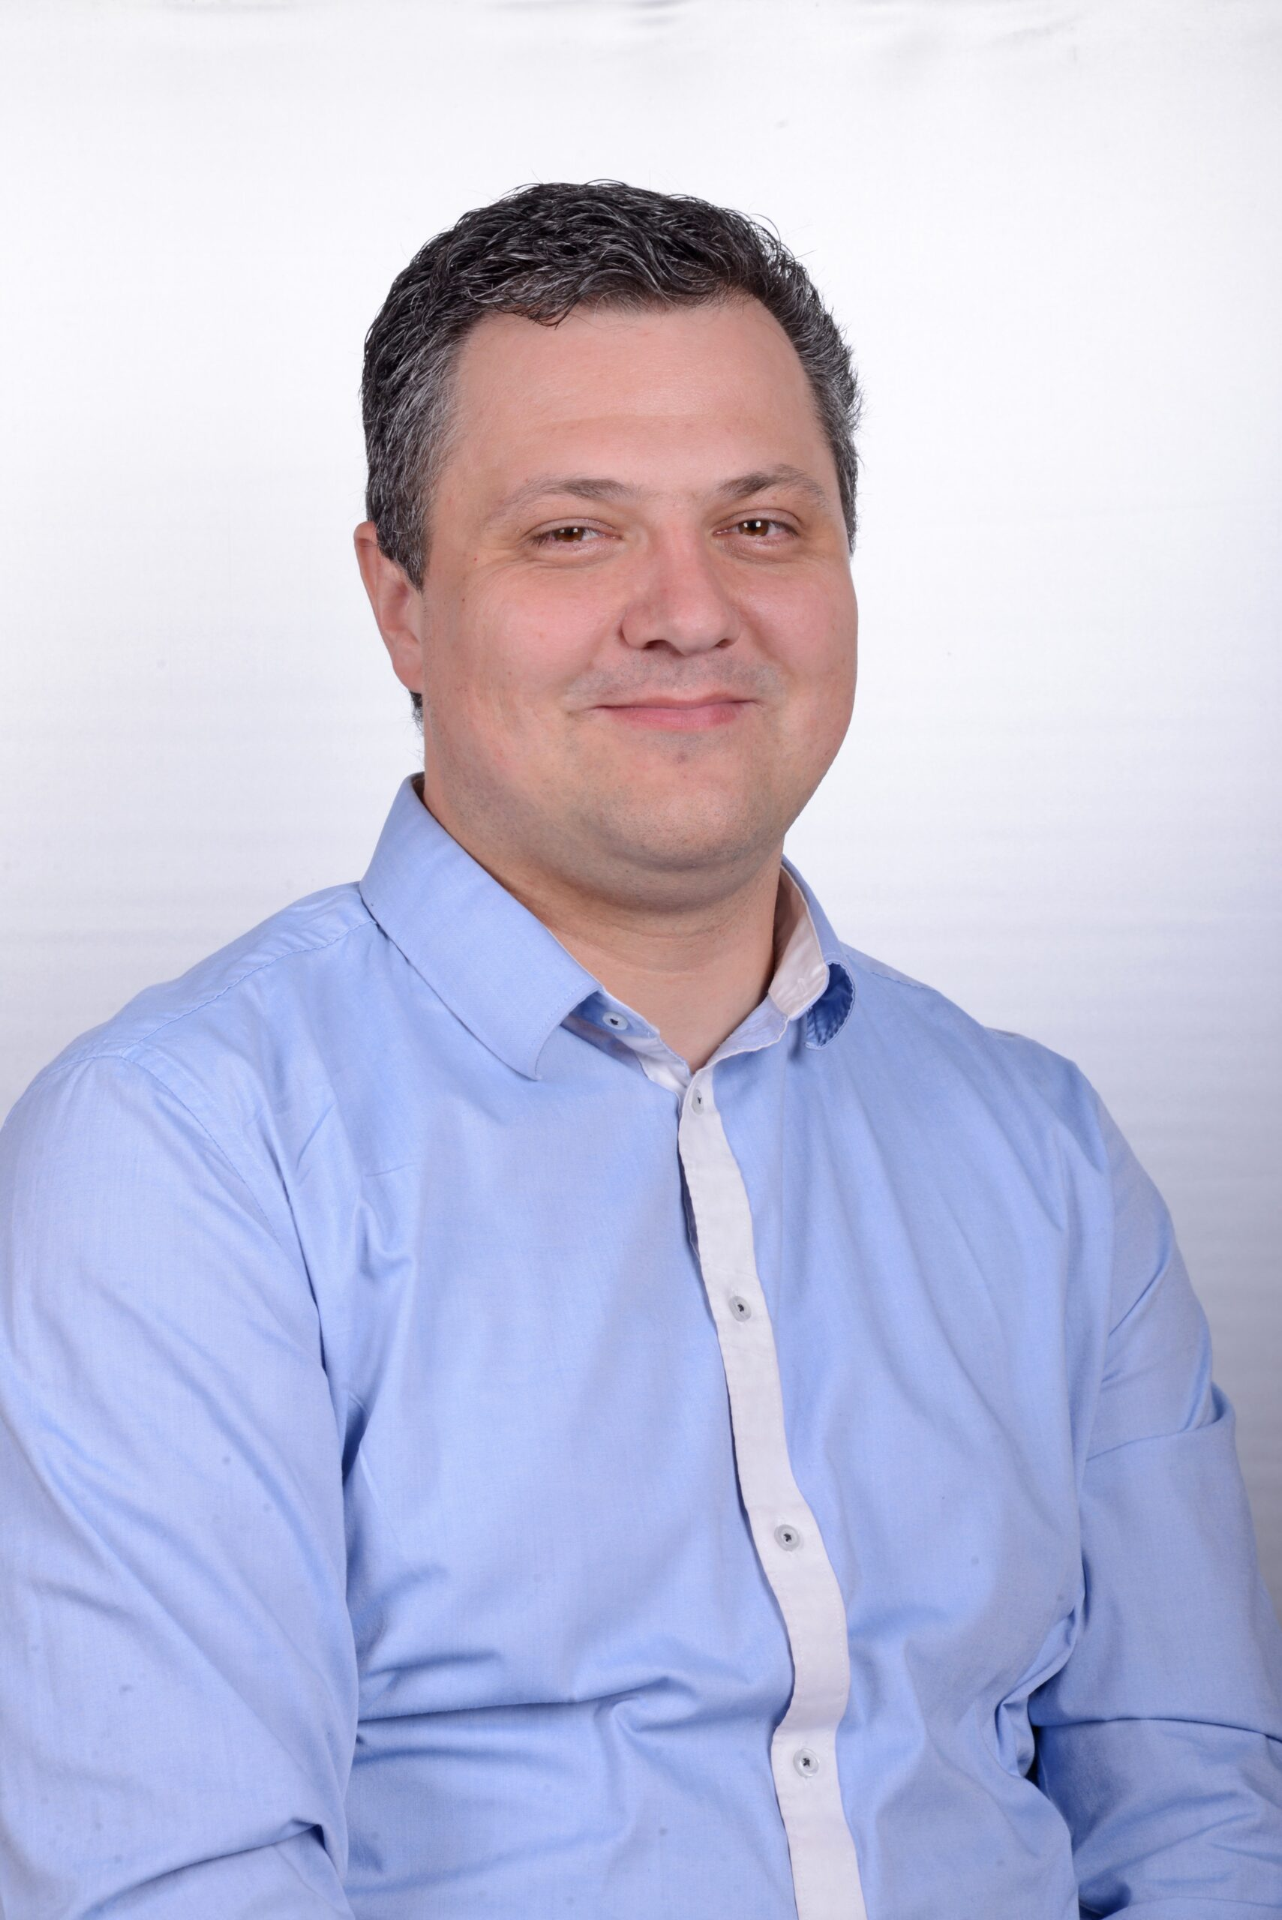 Љубодраг Јовановић